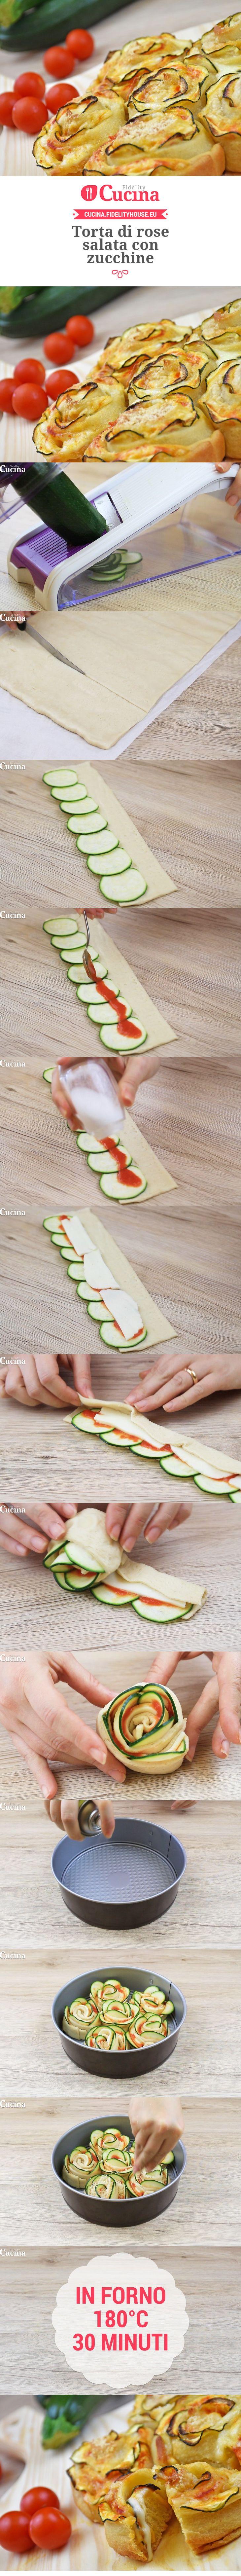 Torta di rose salata con zucchine